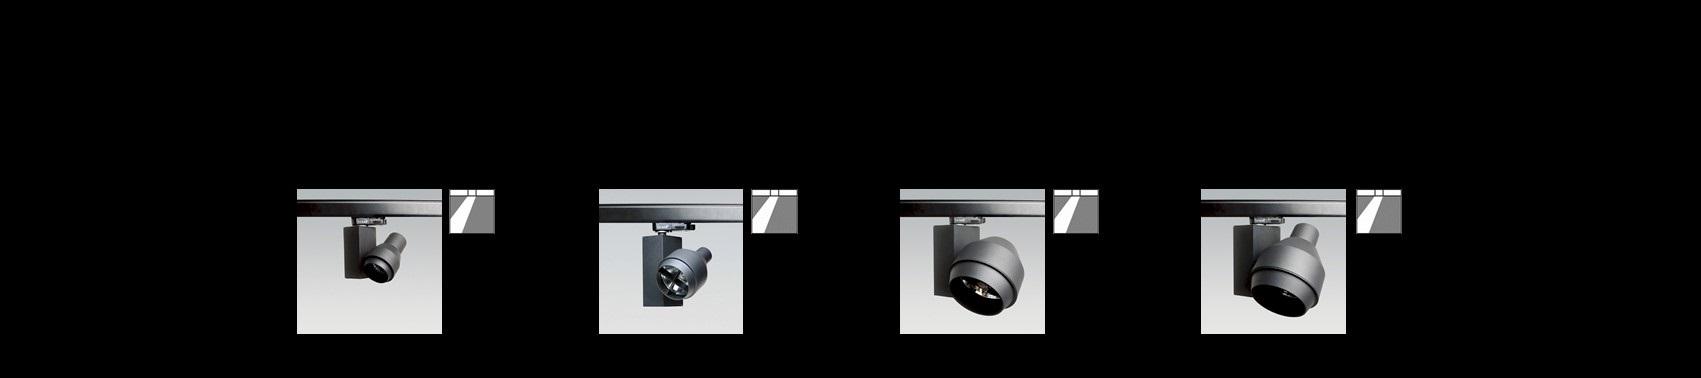 38.afb-header-lucent-lighting-spot-zwart-website